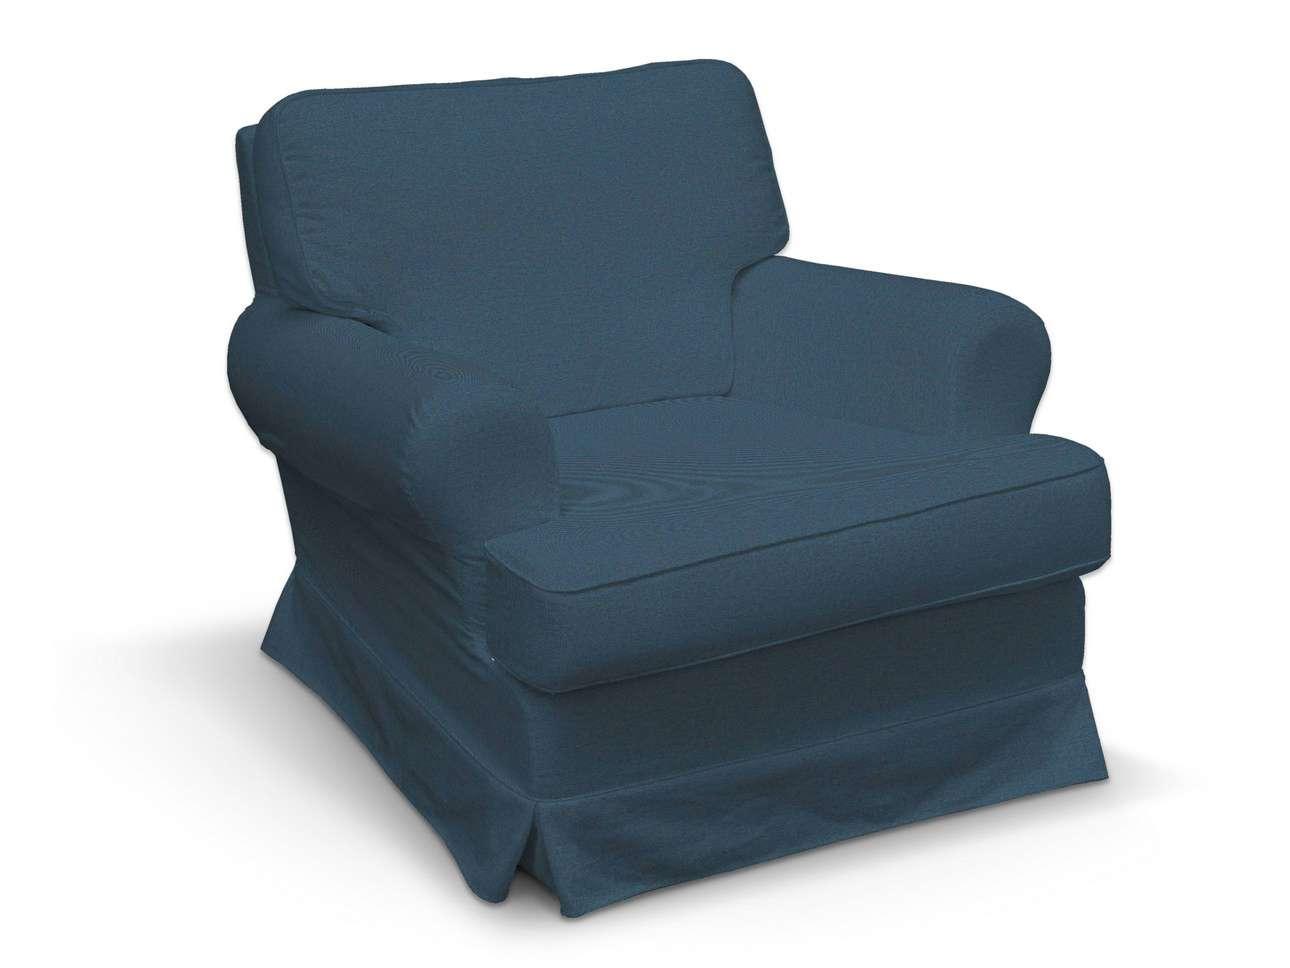 Pokrowiec na fotel Barkaby w kolekcji Etna, tkanina: 705-30